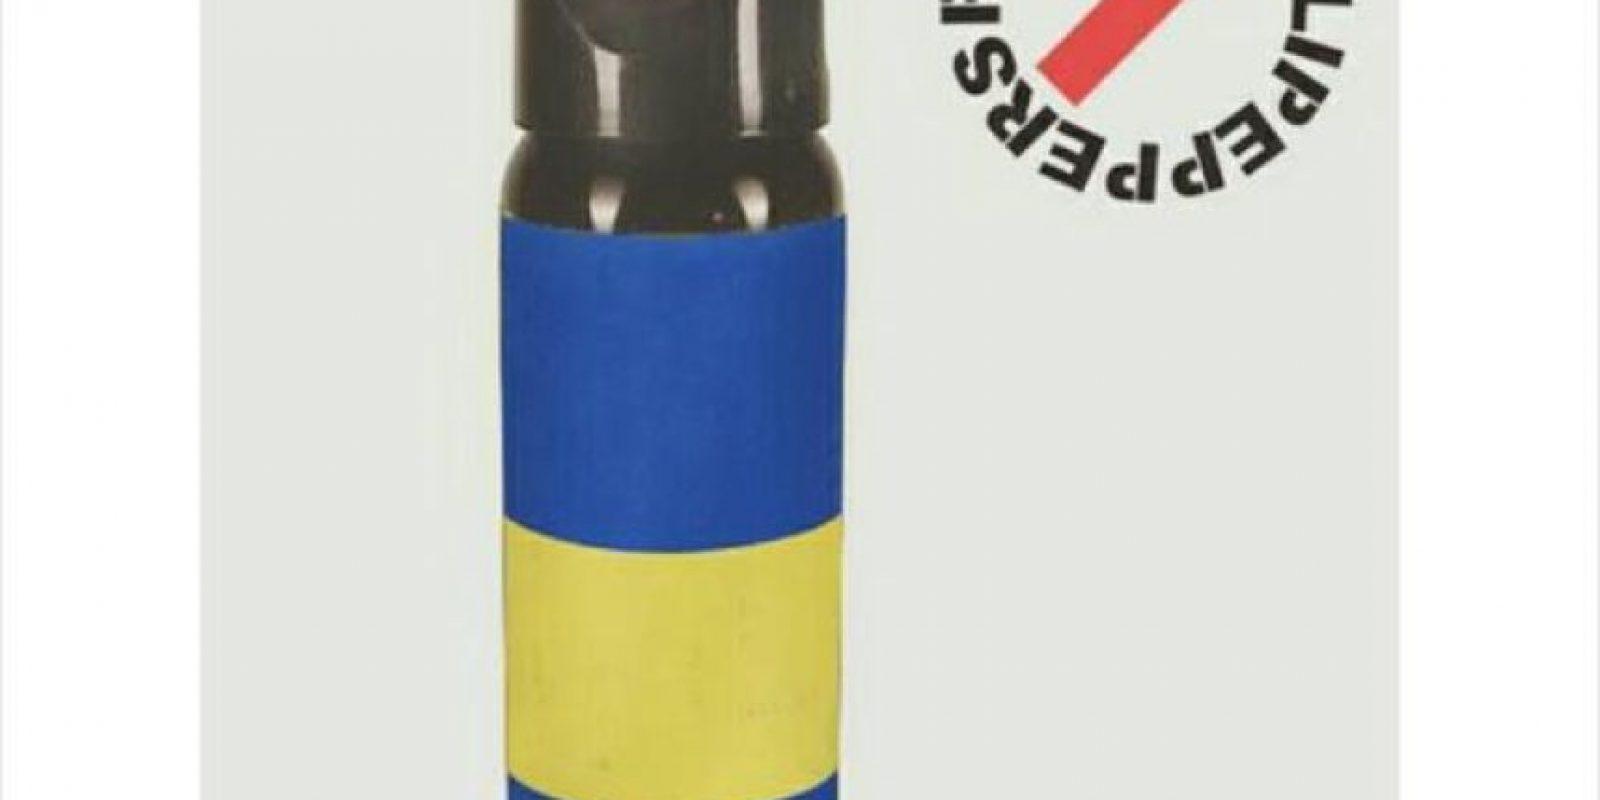 Y los hacen imagen de diversas marcas de gas pimienta. Foto:Vía twitter.com